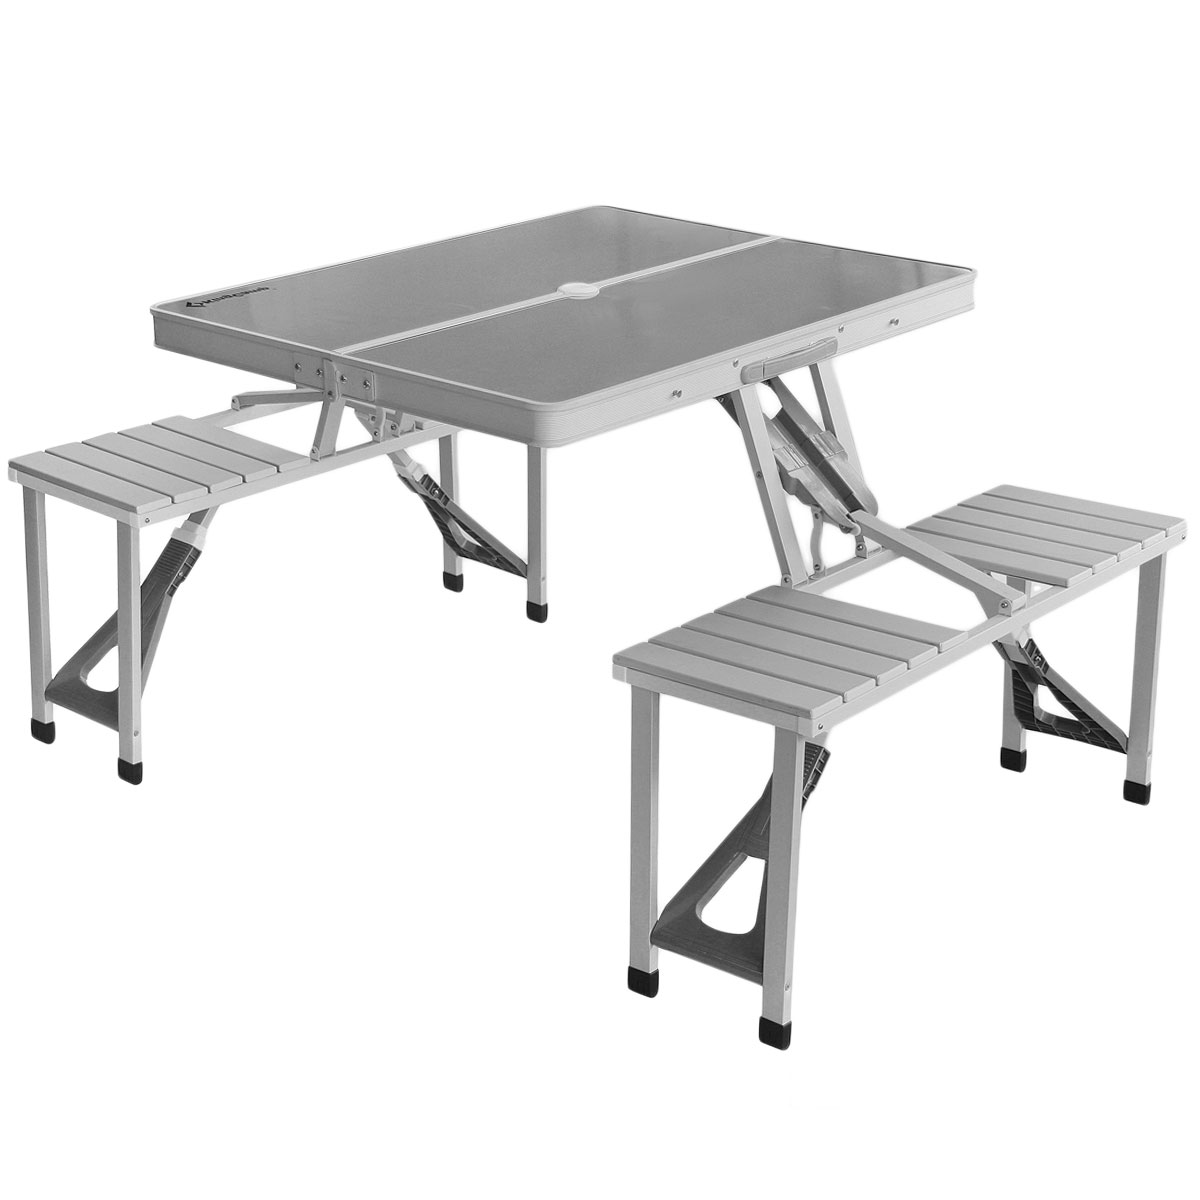 Набор складной мебели KingCampУТ-000049721Набор складной мебели KingCamp предназначен для создания комфортных условий в туристических походах, охоте, рыбалке и кемпинге. Набор состоит из конструкции в виде стала и двух скамеек, выполненных из алюминия и пластика. В сложенном виде набор занимает мало места. Размер стола: 86 см х 67 см х 70 см.Размер скамьи: 85 х 35 х 42 см. Площадь установки: 136 см х 86 см.Вес: 10 кг.